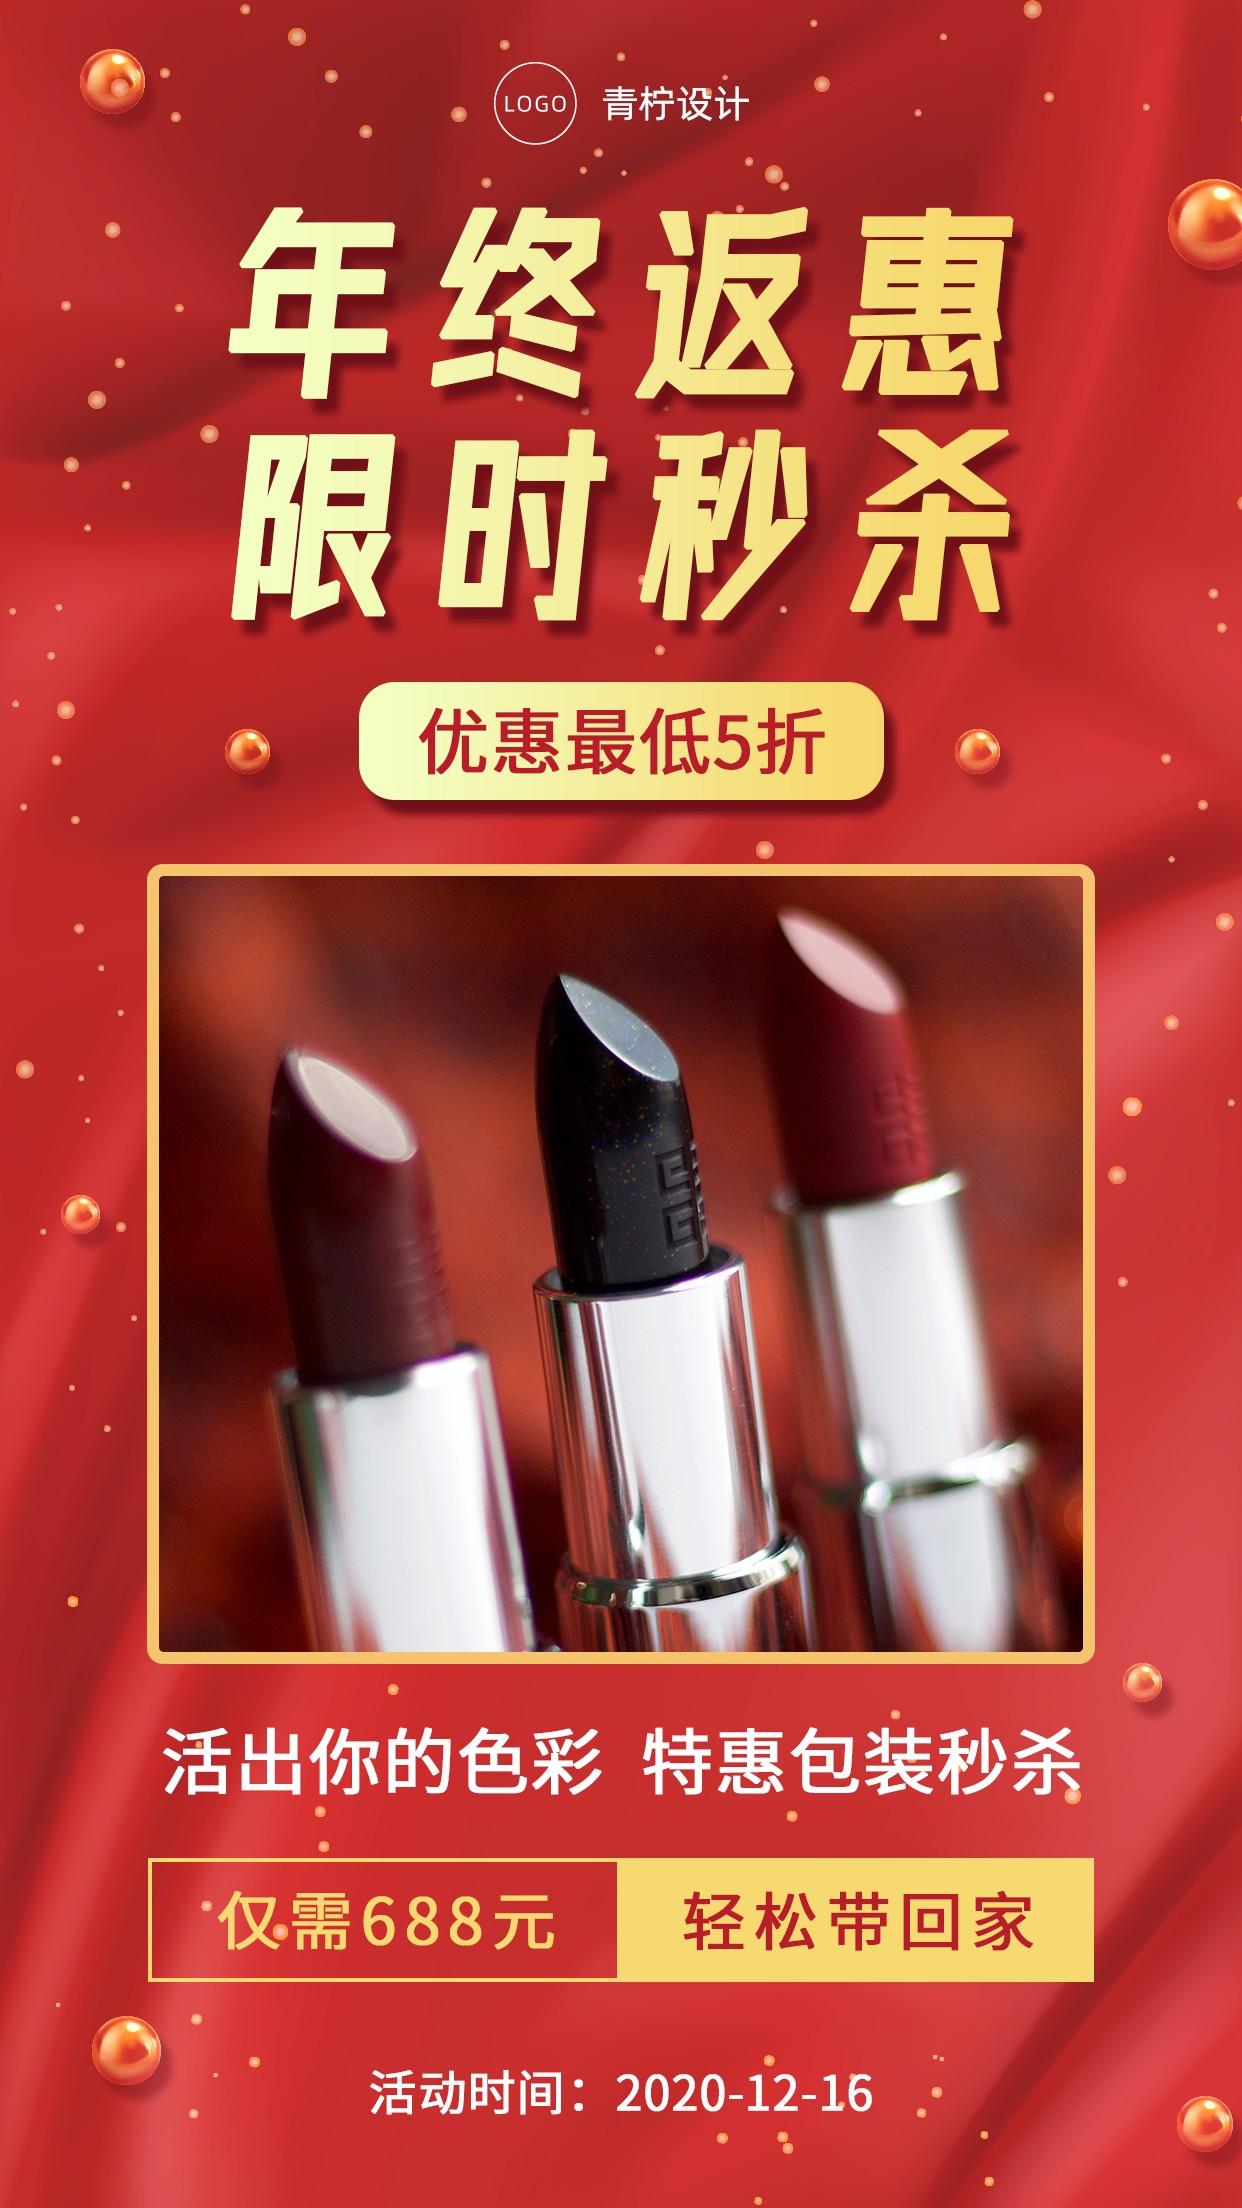 喜庆美容美妆优惠手机海报